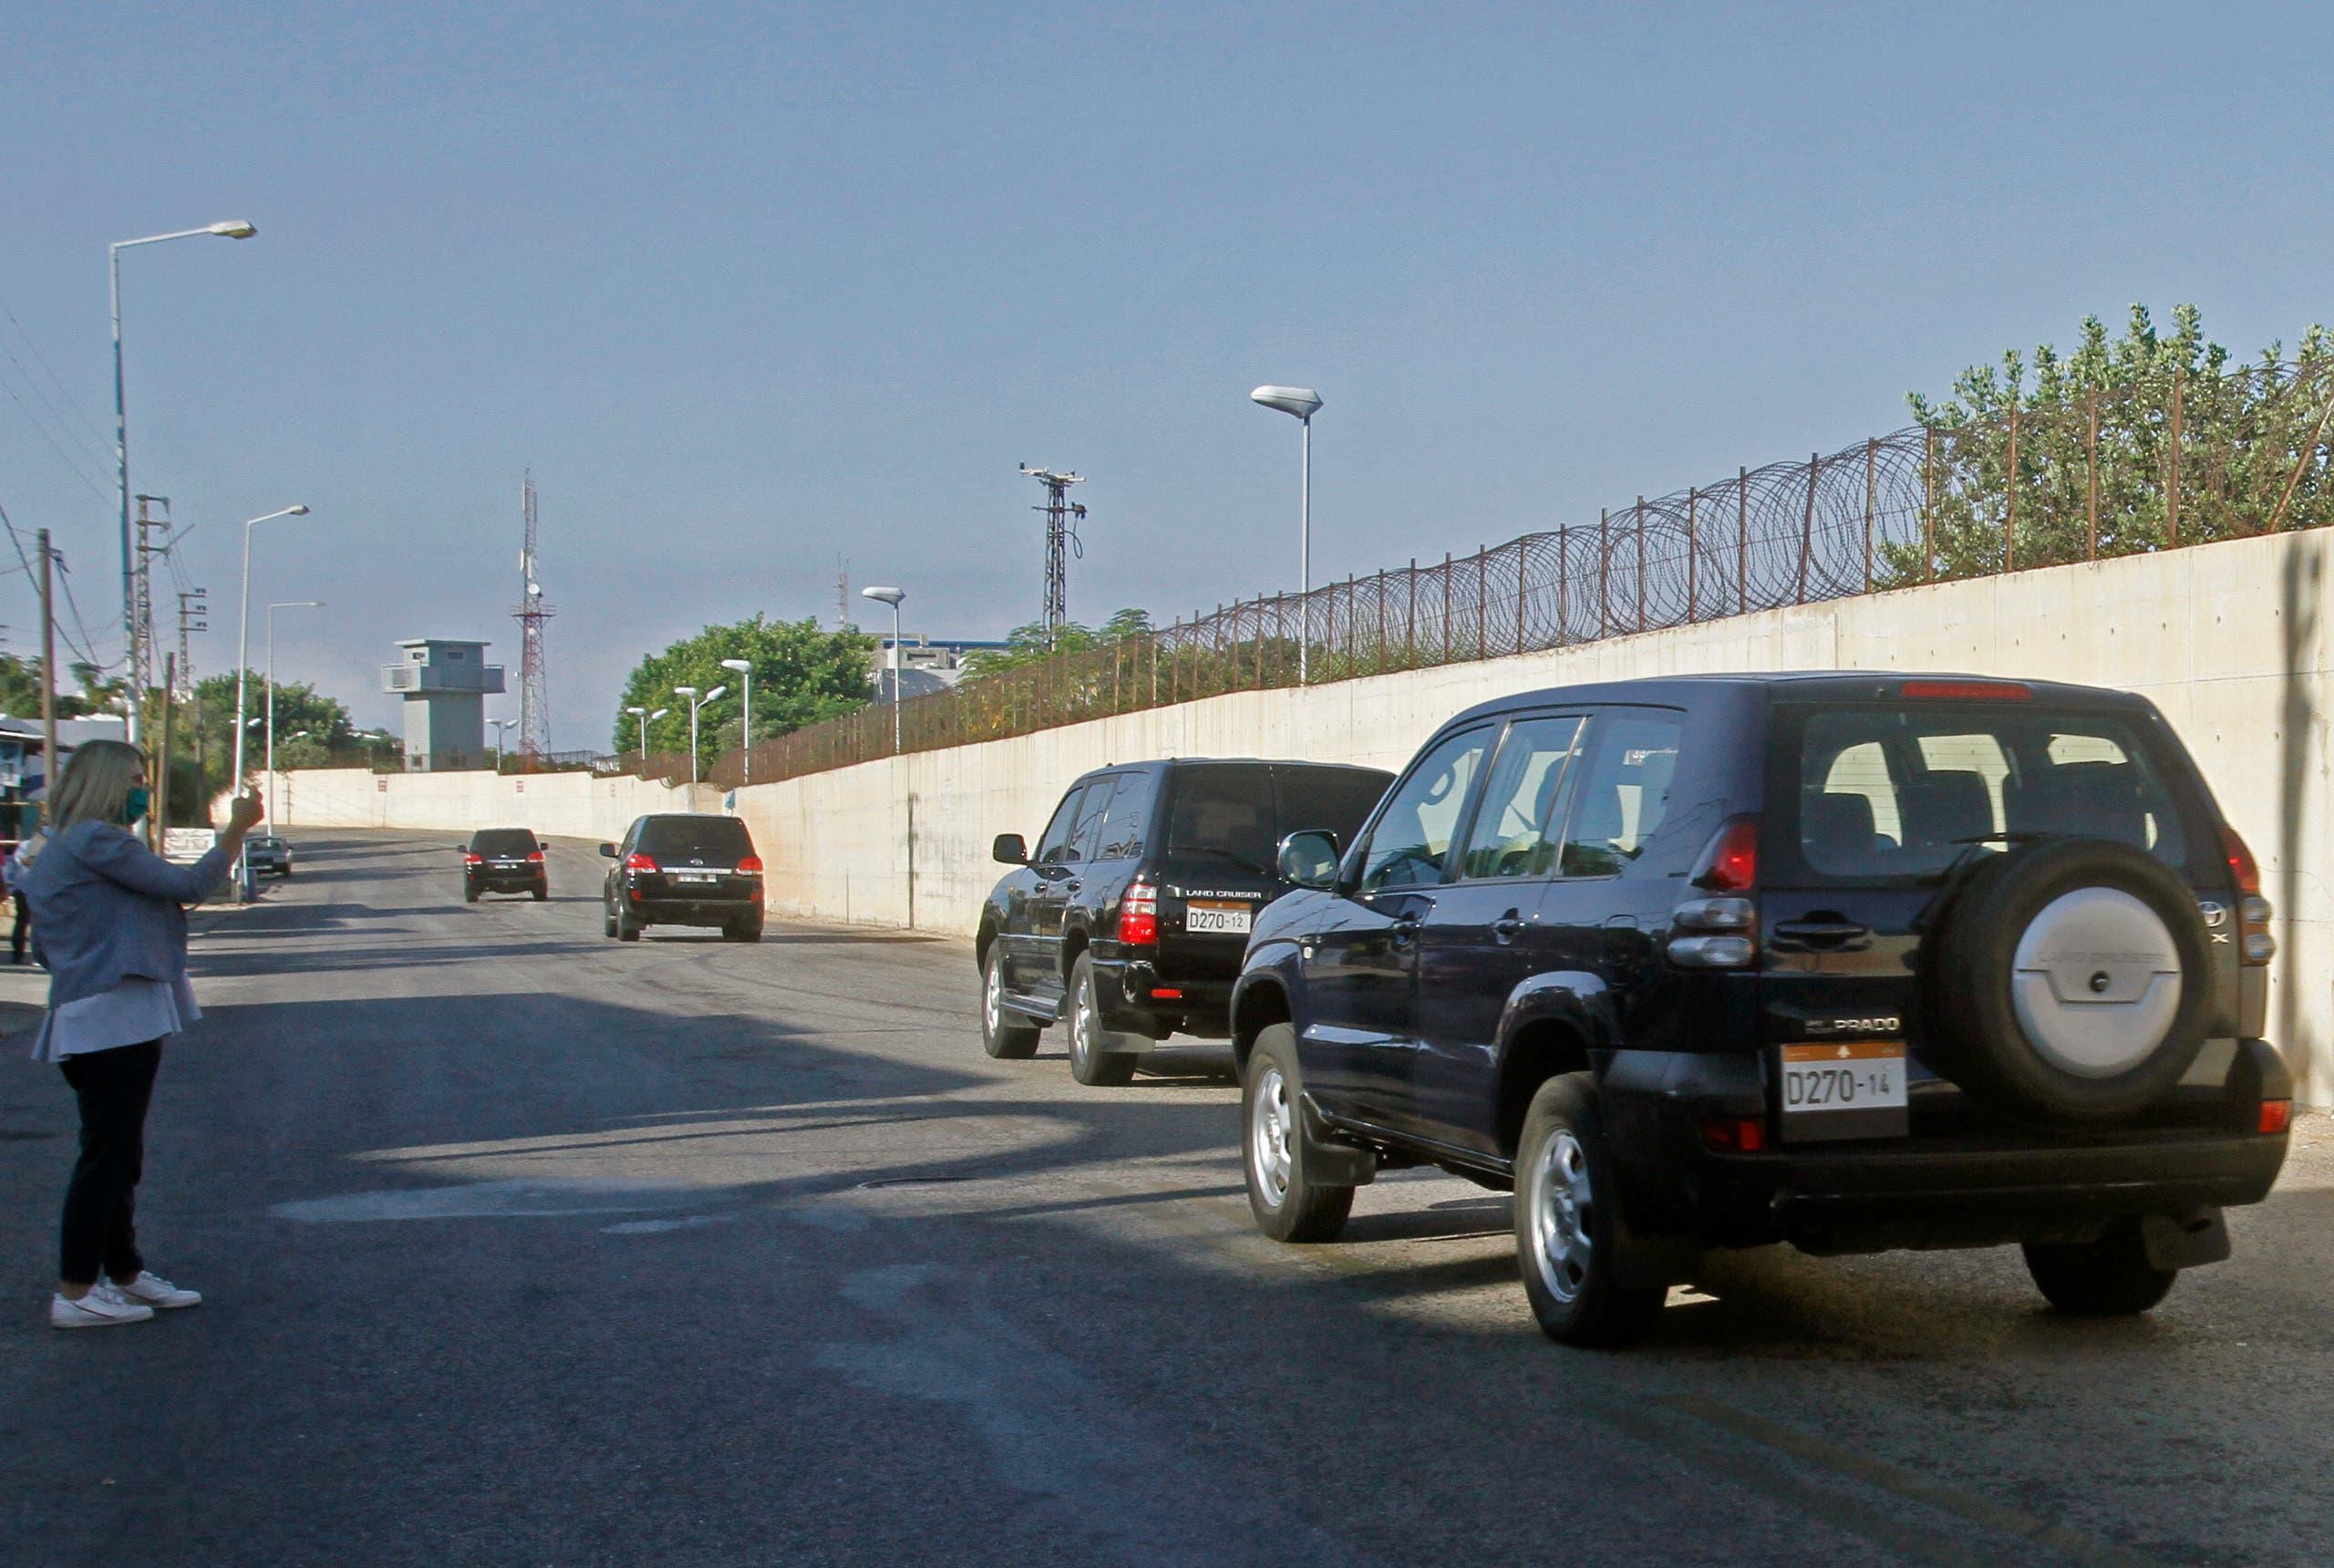 من محيط مقر اجتماع الوفد المفاوض في ترسيم الحدود بين لبنان وإسرائيل (أرشيفية- فرانس برس)